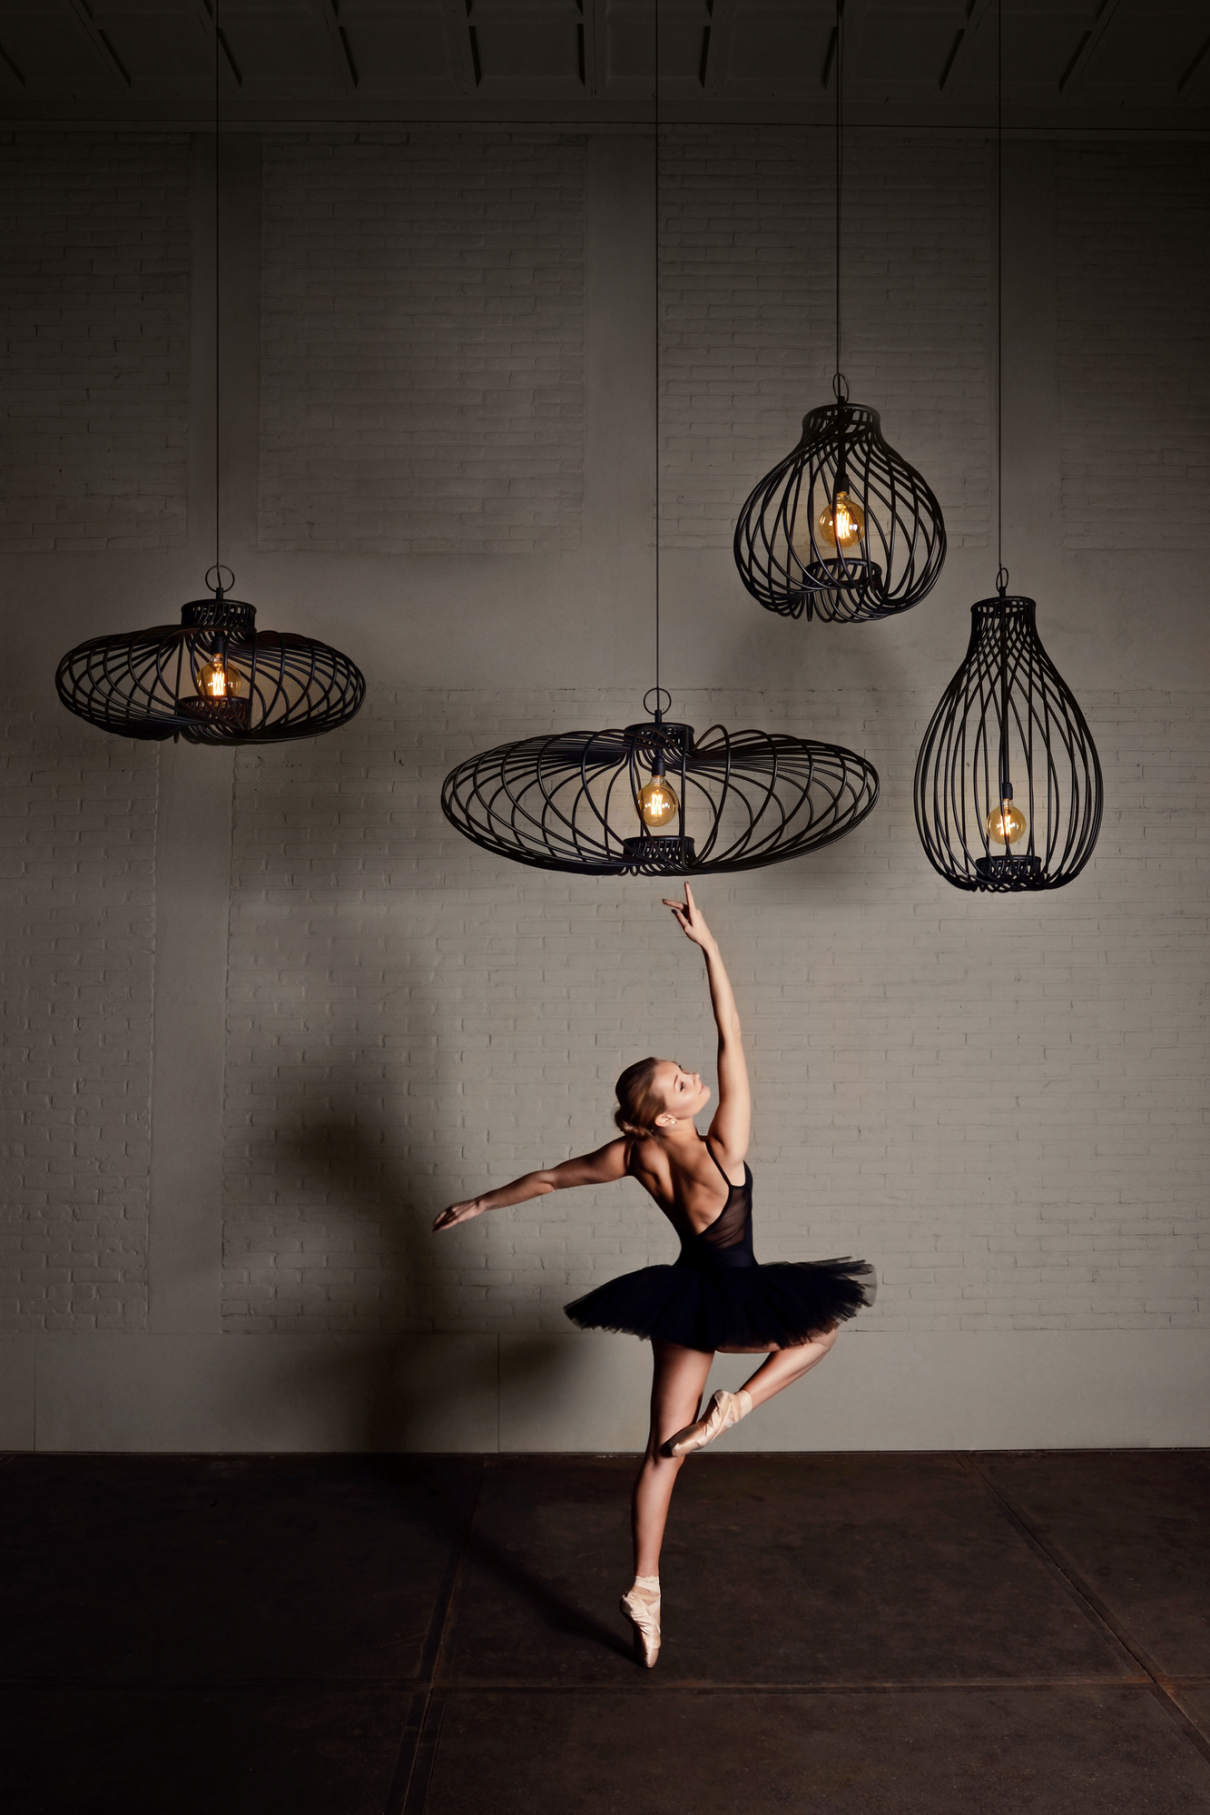 Pirouette hanglamp maakt indruk